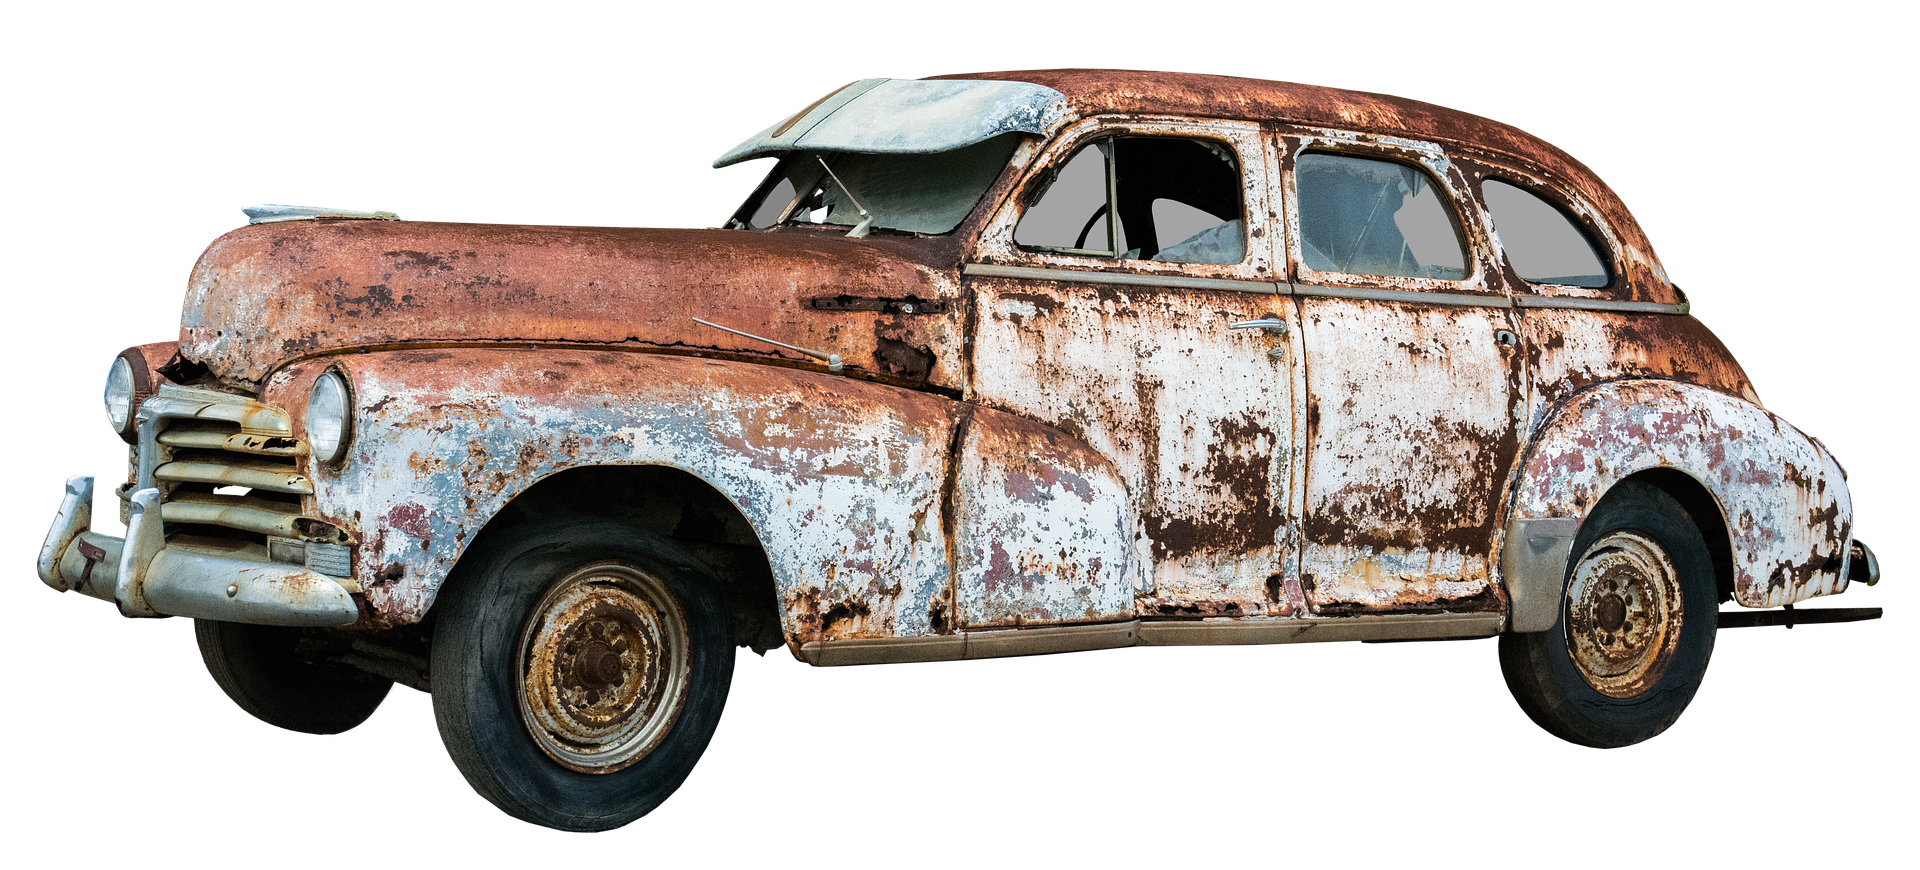 錆び付いた旧車